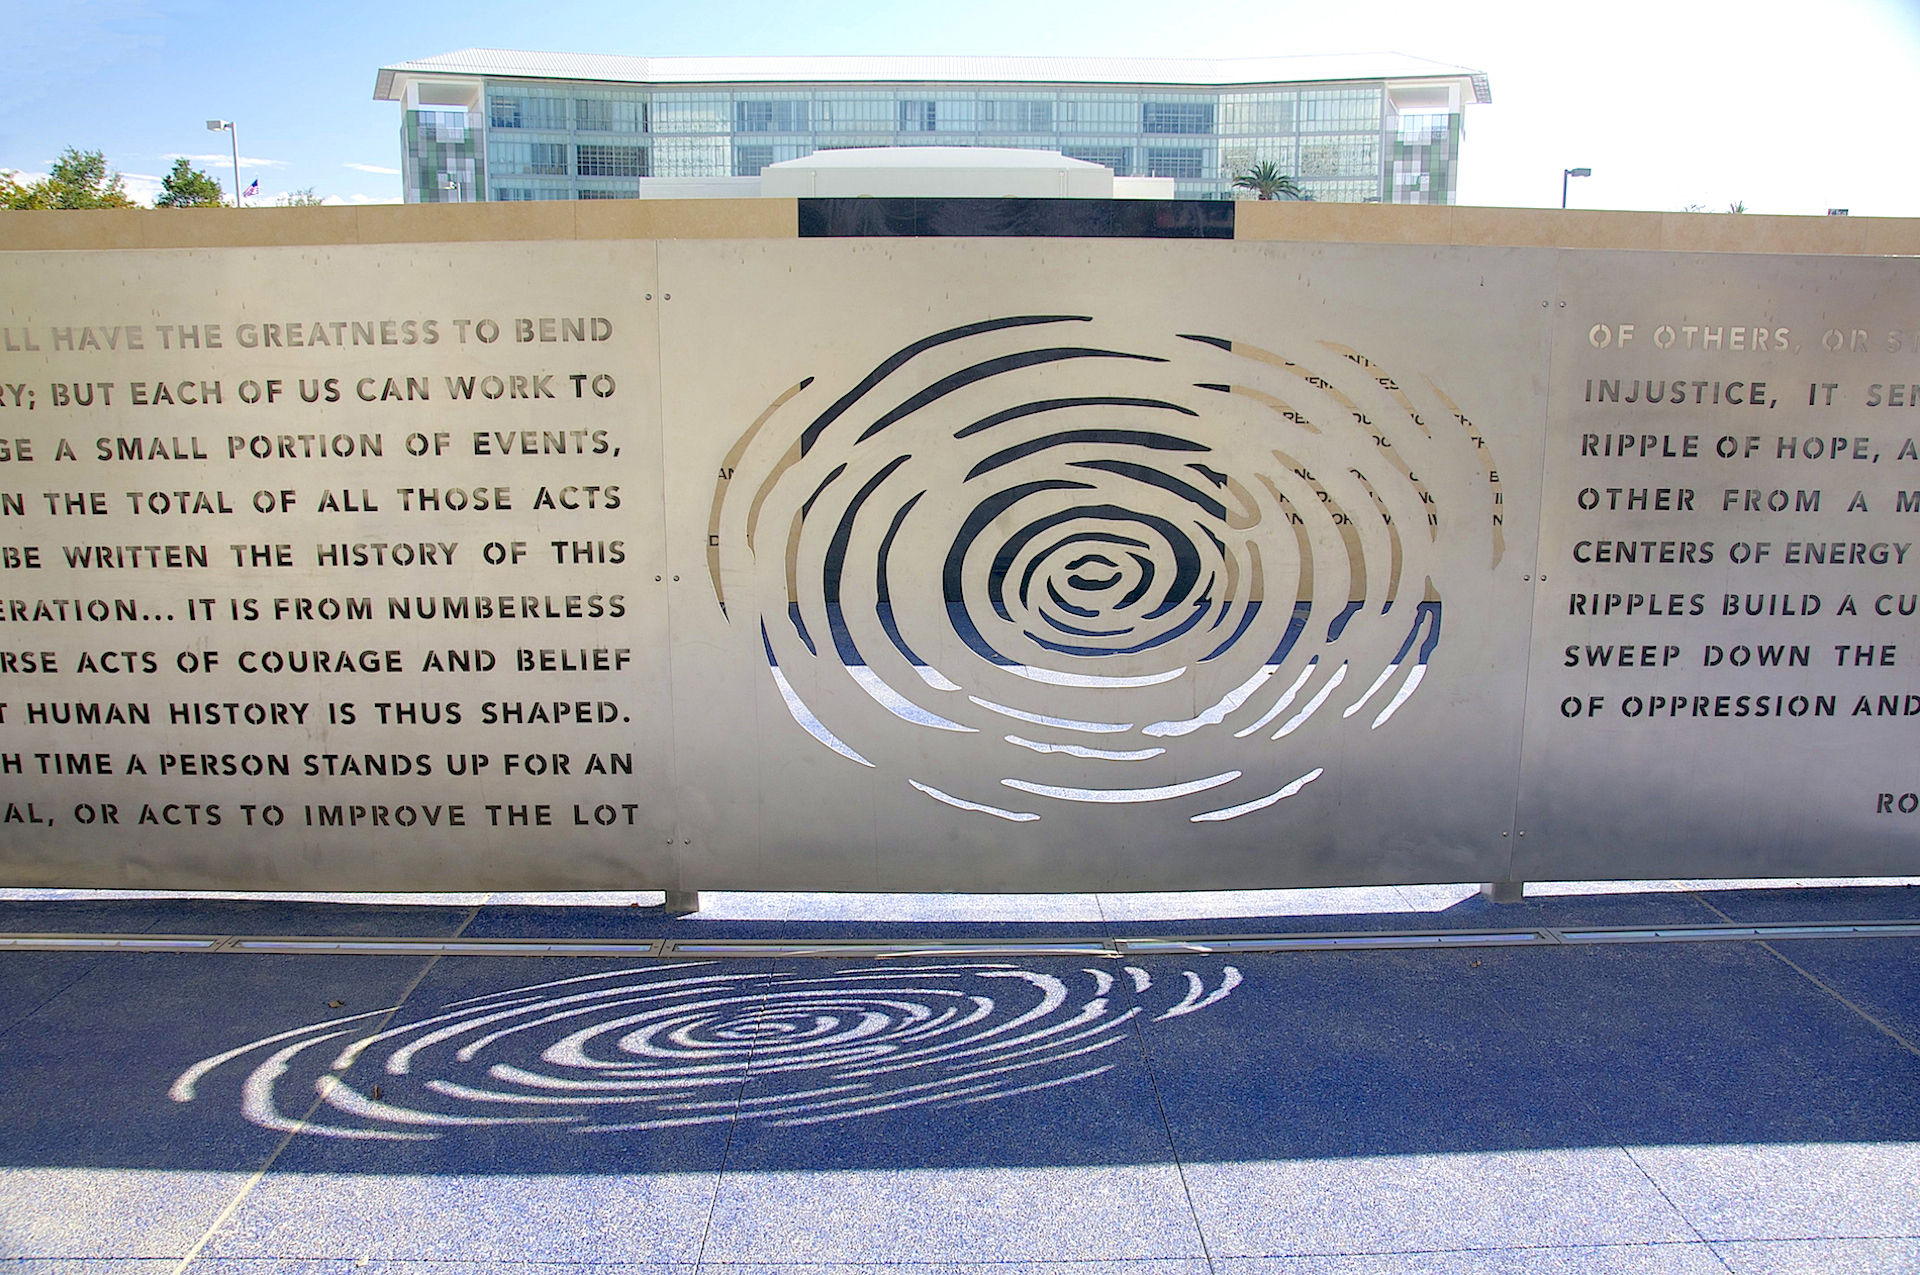 Robert F. Kennedy Inspiration Park